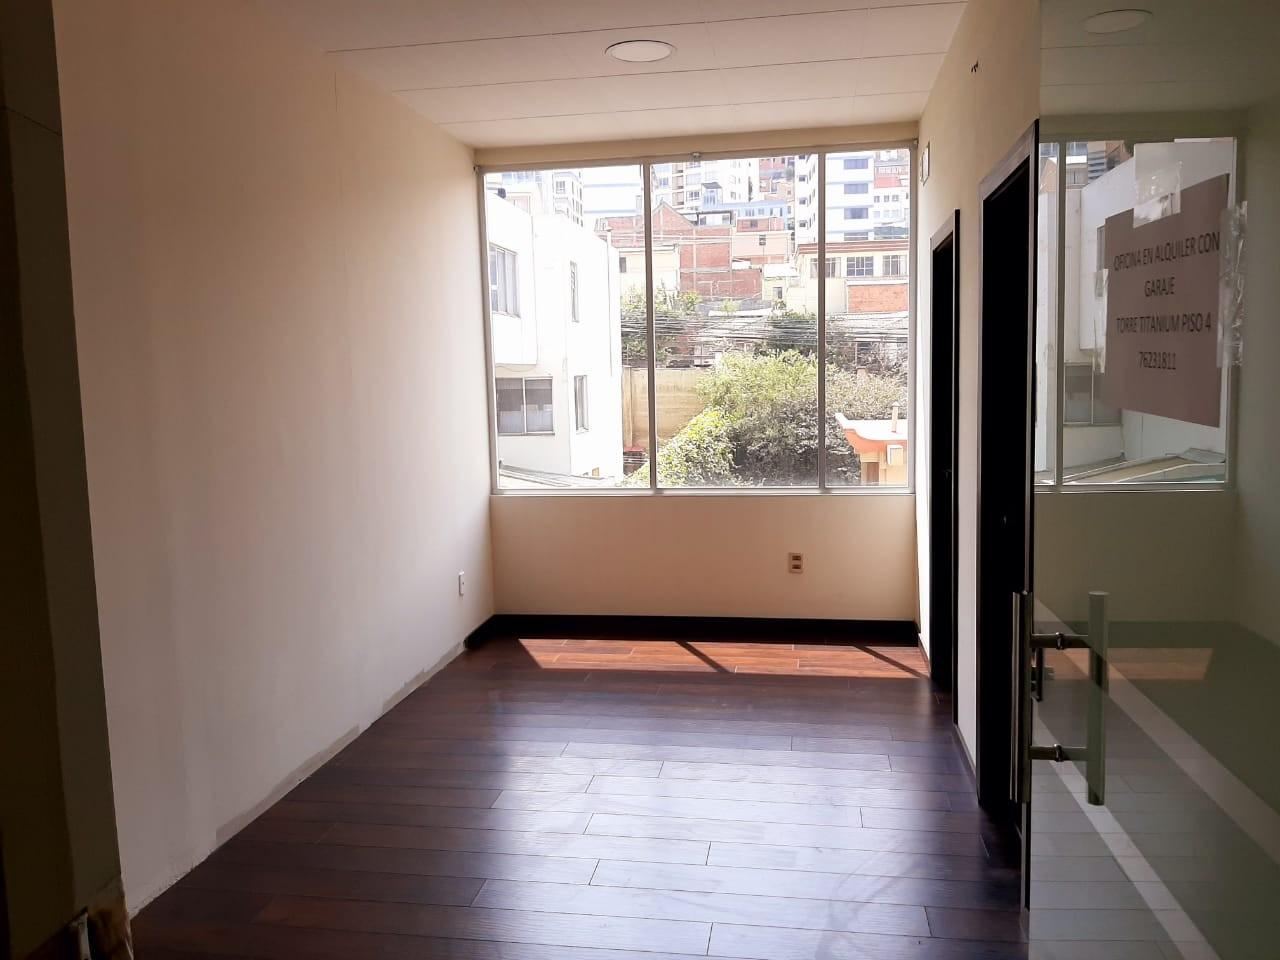 Oficina en Alquiler Av. Hernando Siles, entre la calle 3 y 4.  Edificio Titanium Piso 4. Foto 1